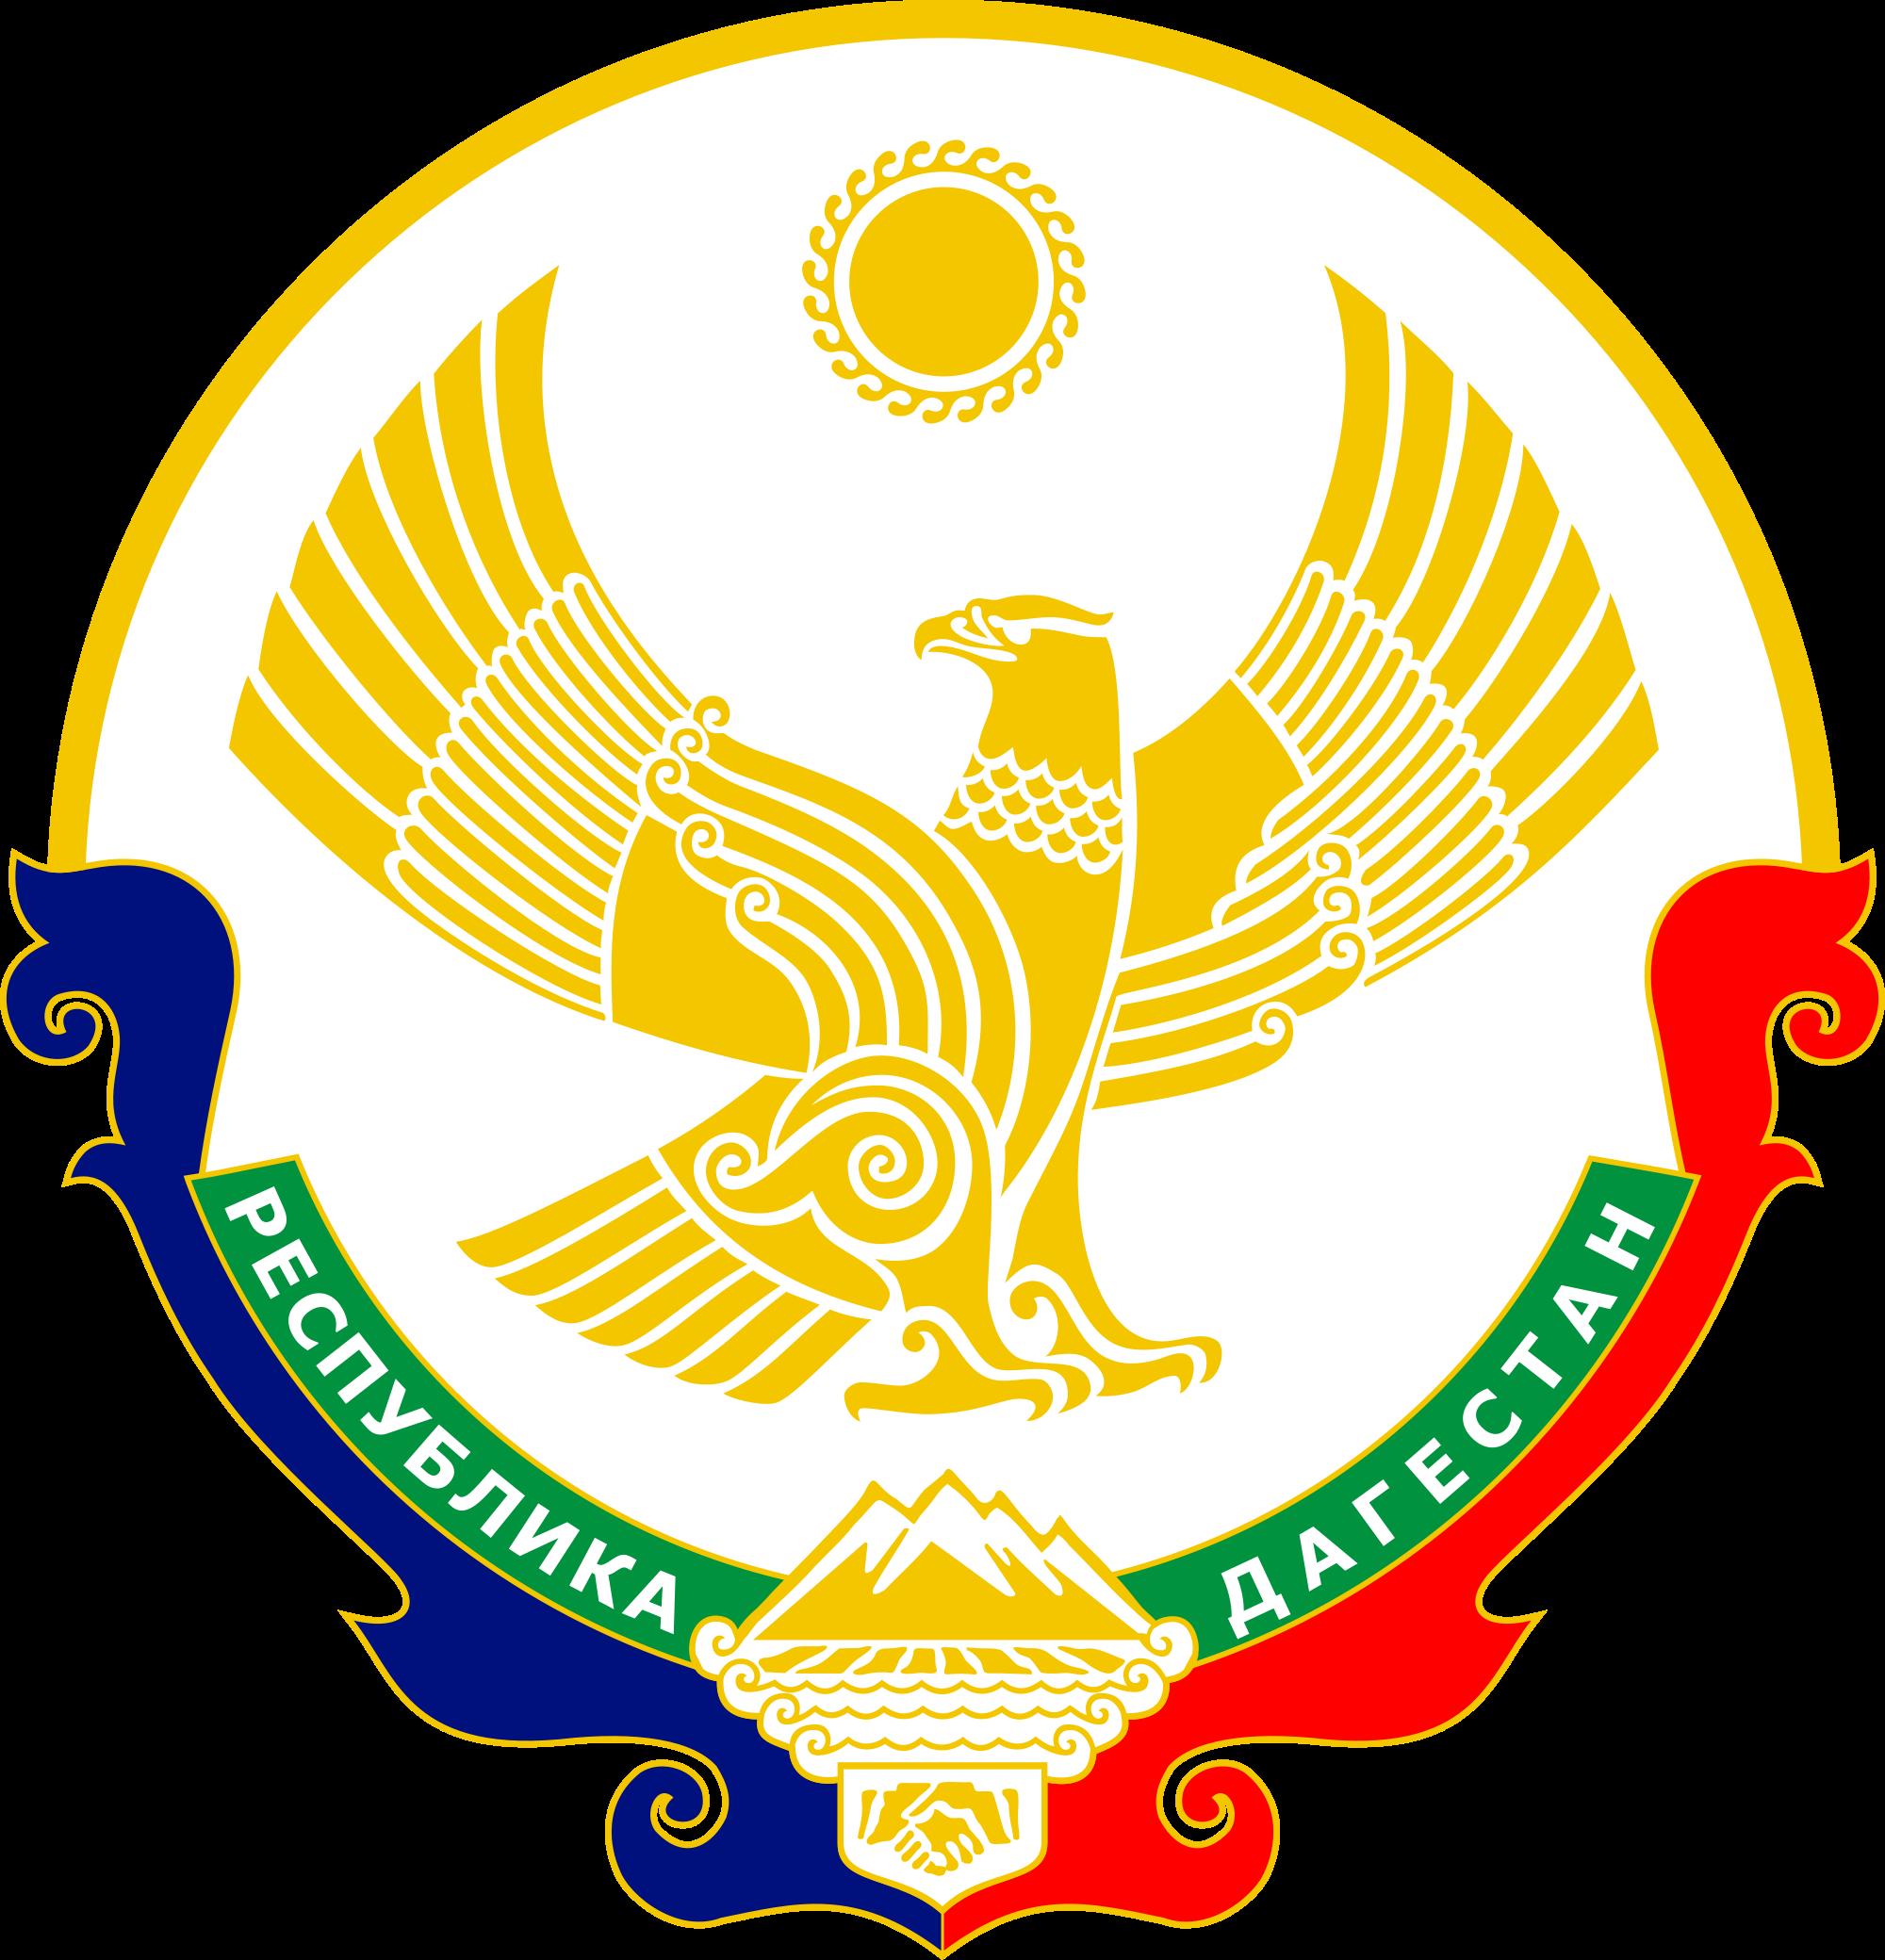 Правительство республики Дагестан разместило информацию о начале осеннего отбора Конкурса «Регионы – устойчивое развитие» для предприятий всех отраслей экономики: